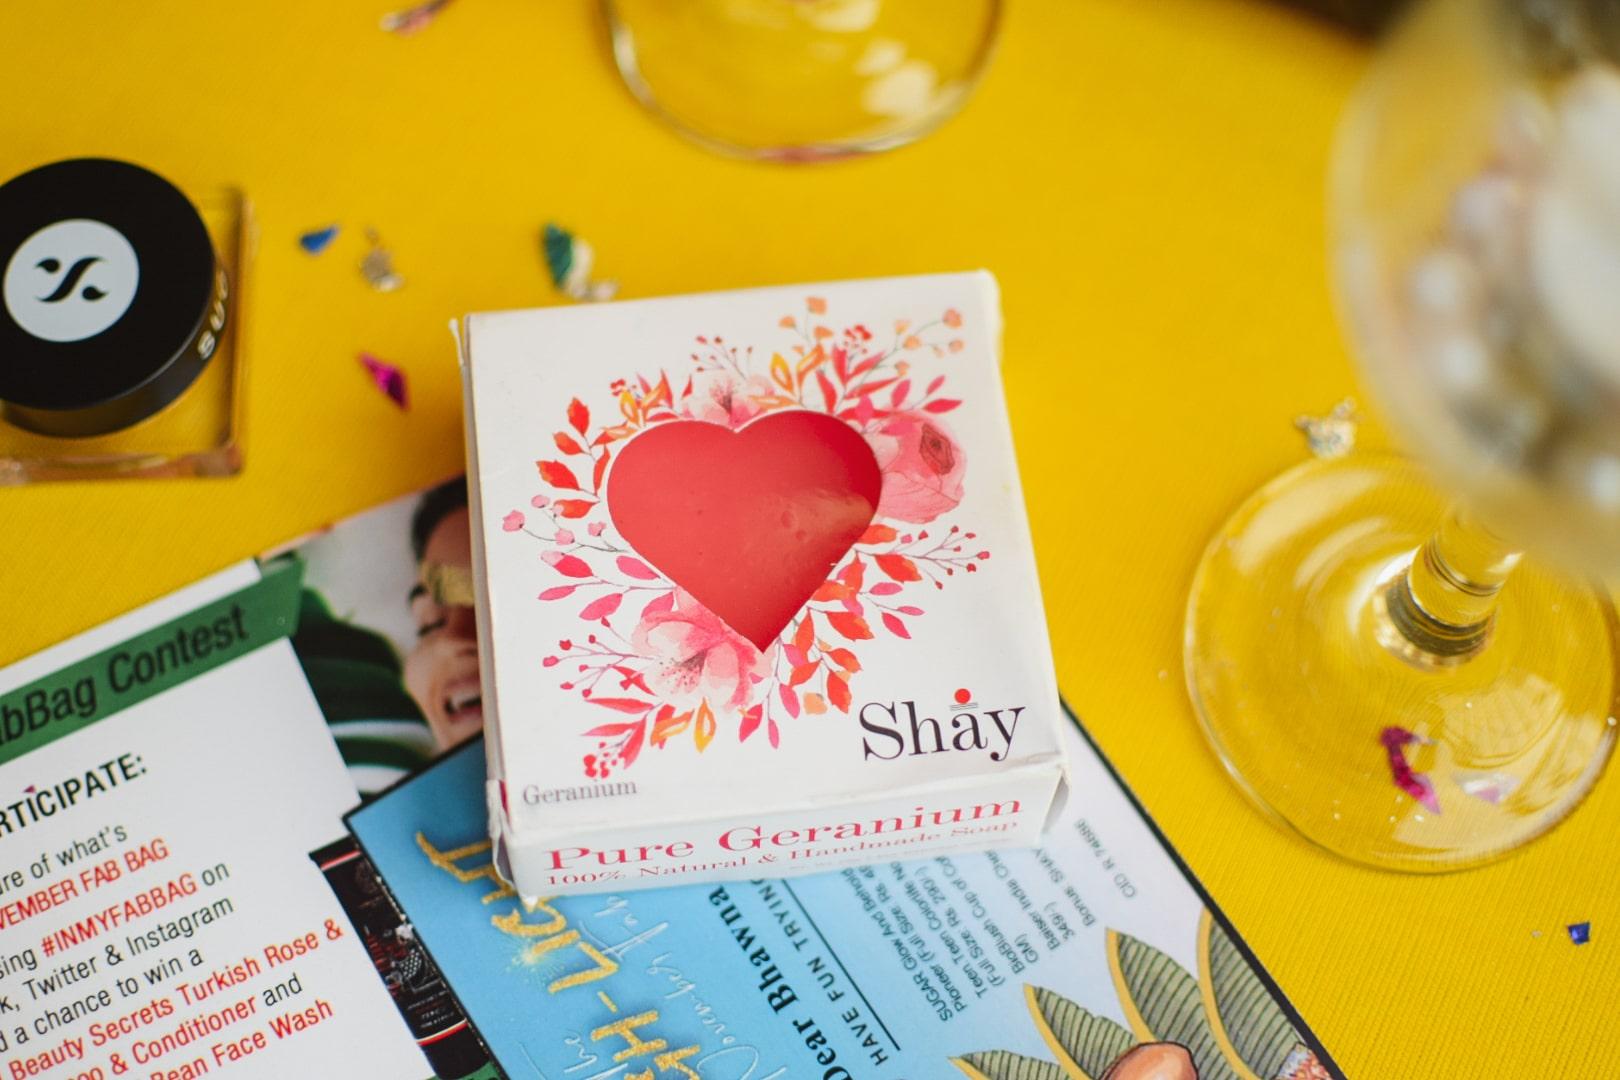 SHAY Heart Soap